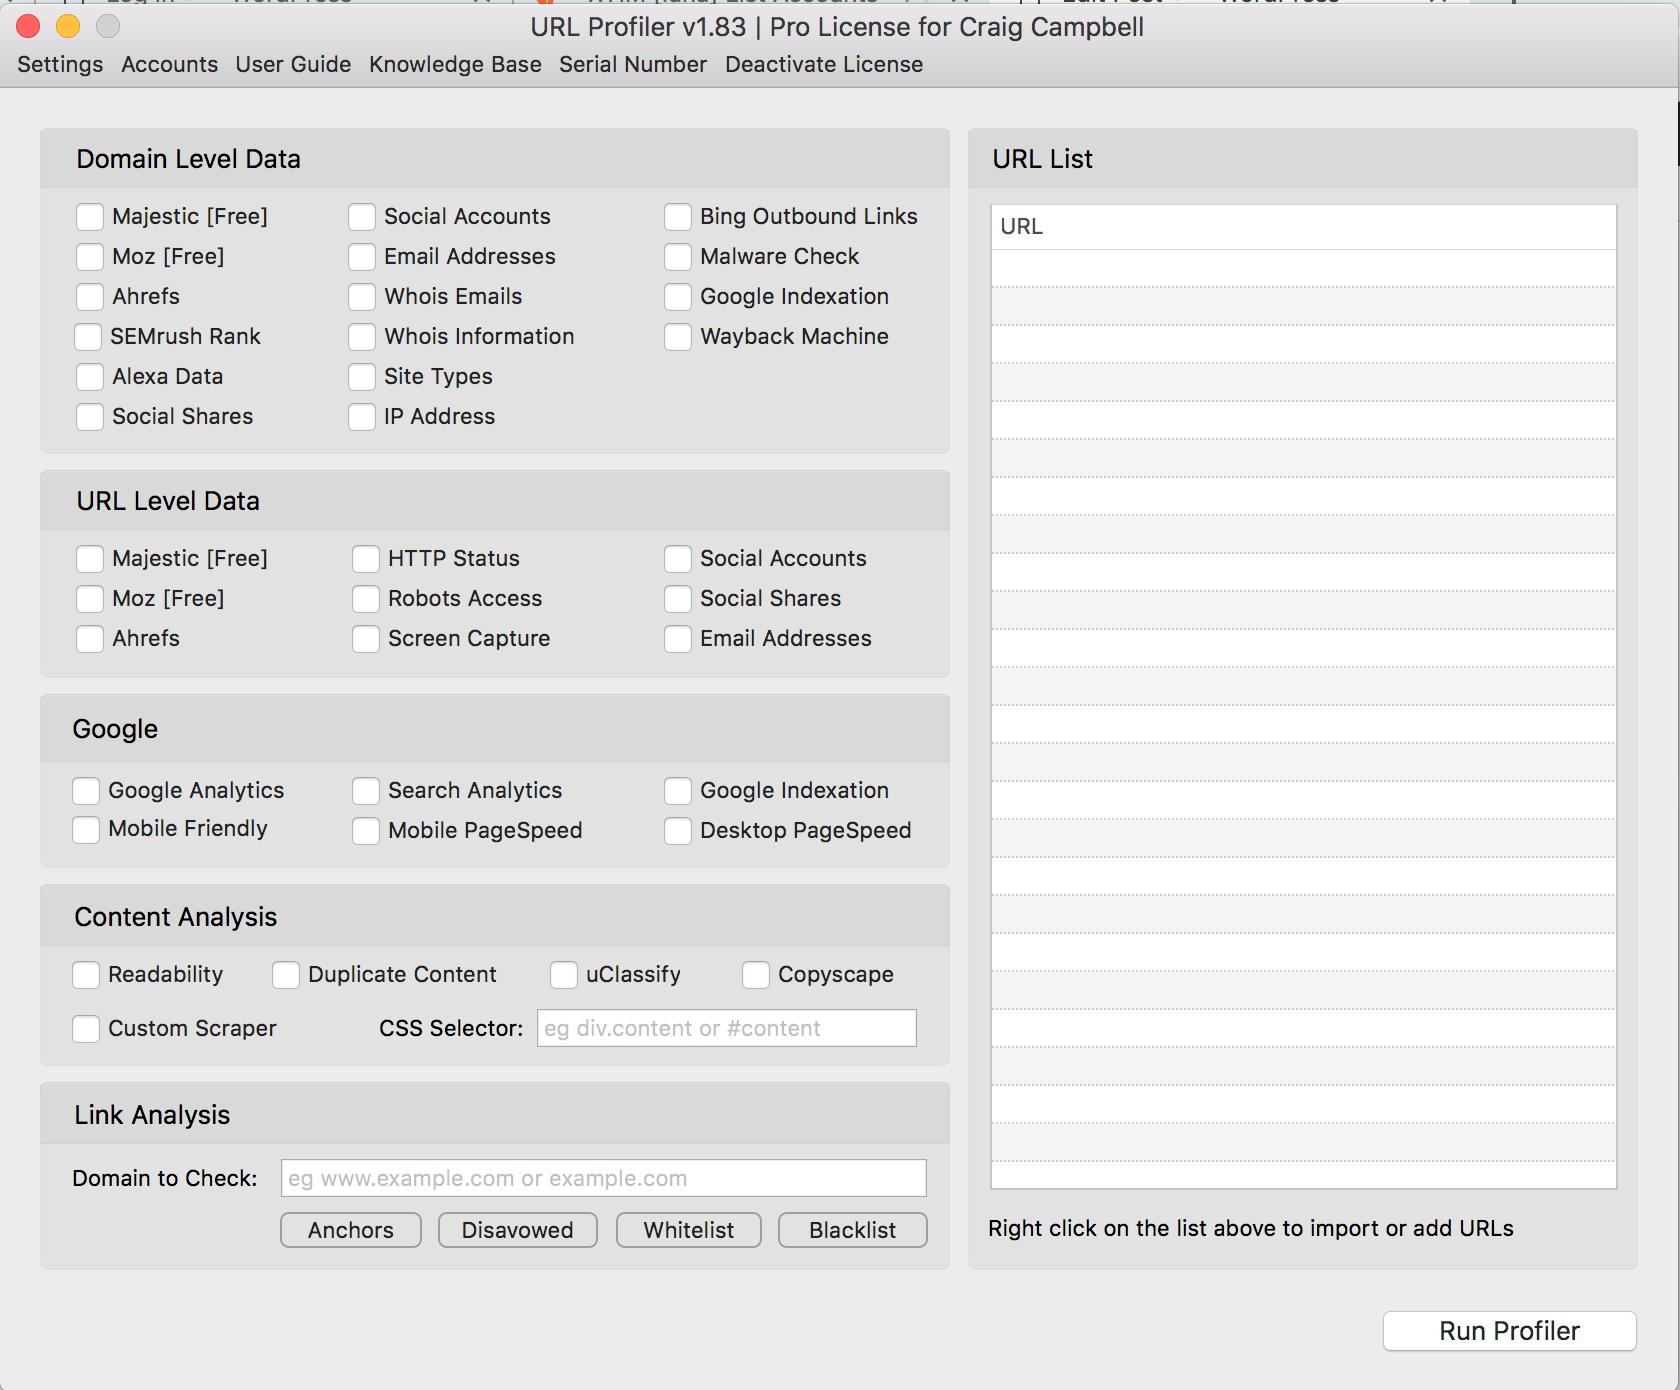 URL profiler dashboard